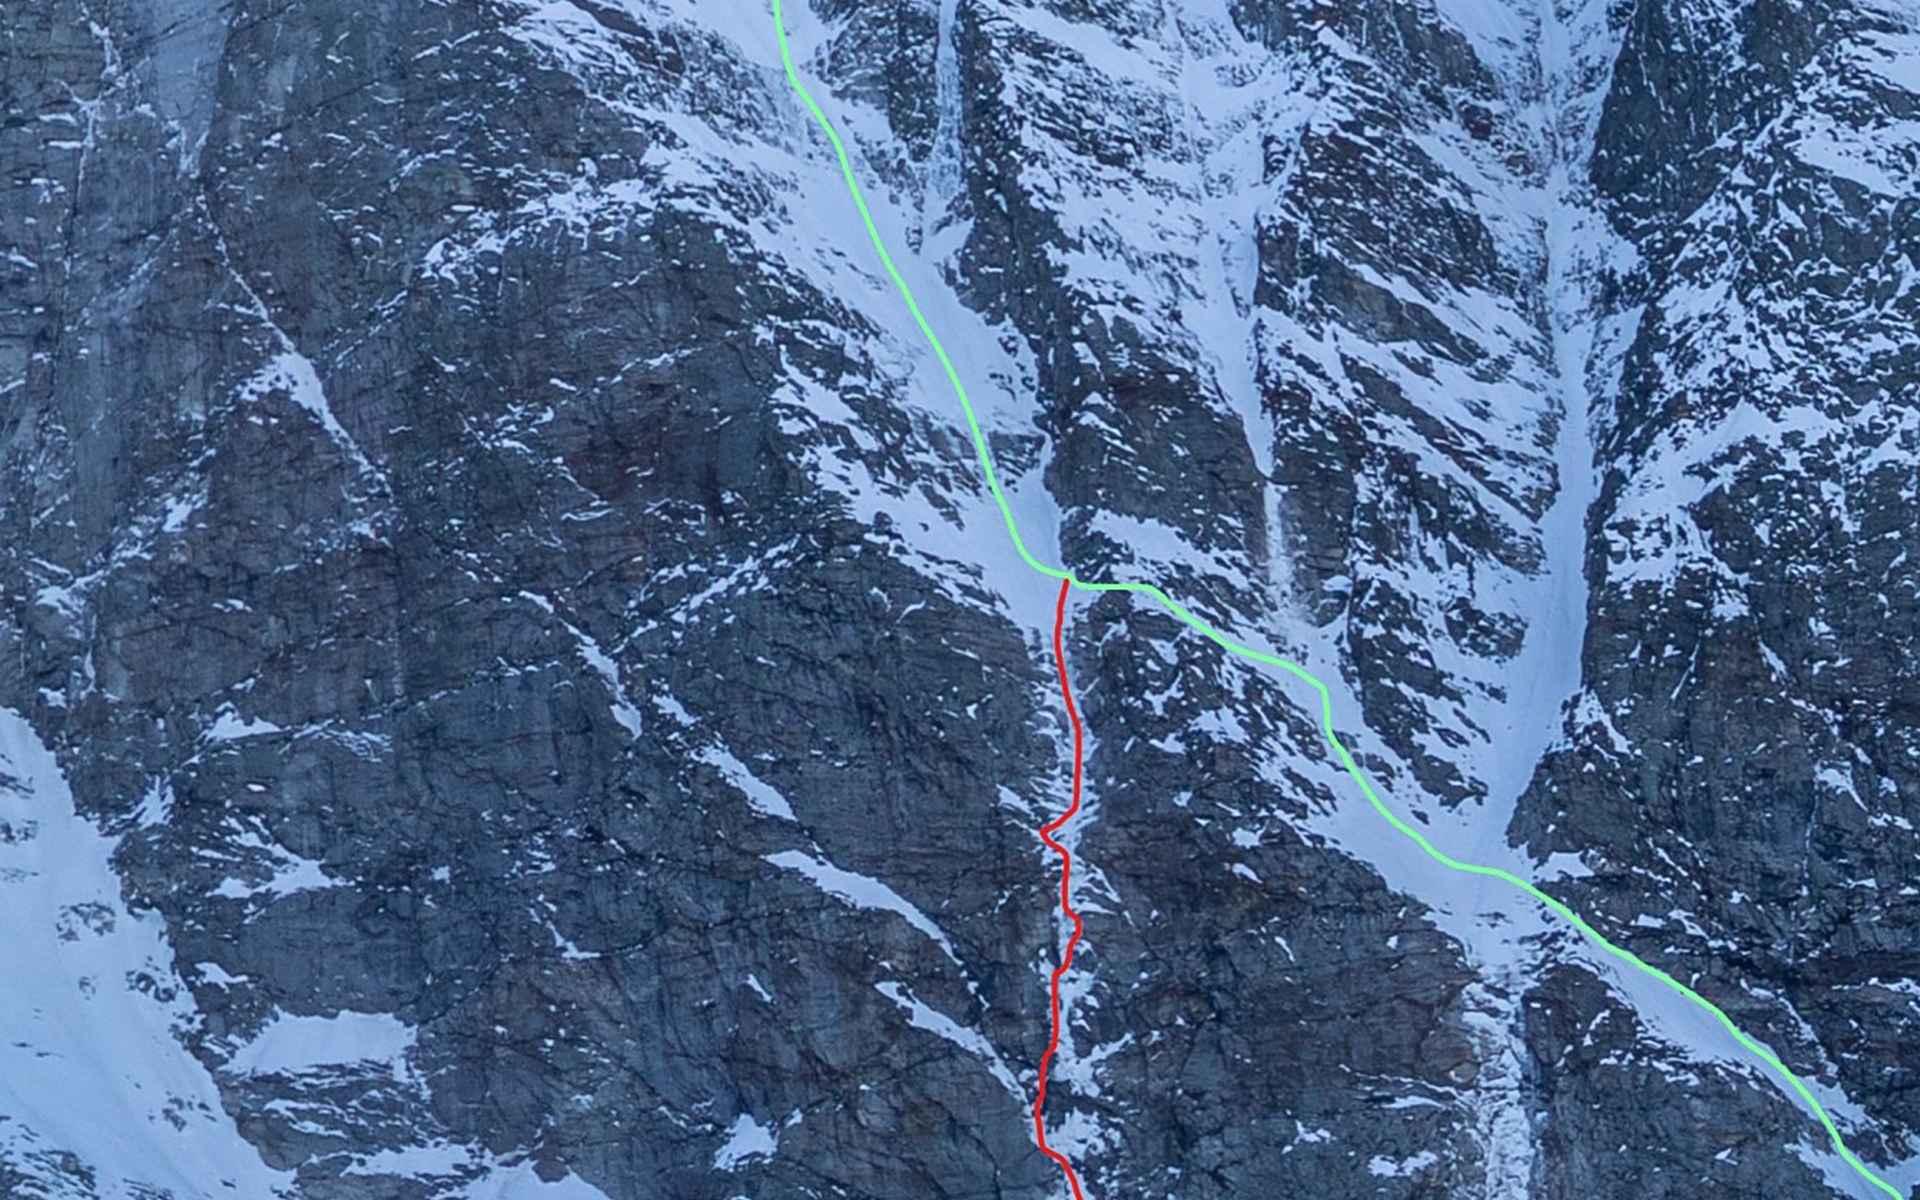 """Il lato nord della Sagwand. In rosso il percorso """"24 hours of freedom"""" (Sven Brand, Martin Feistl 11/2020), in verde il percorso"""